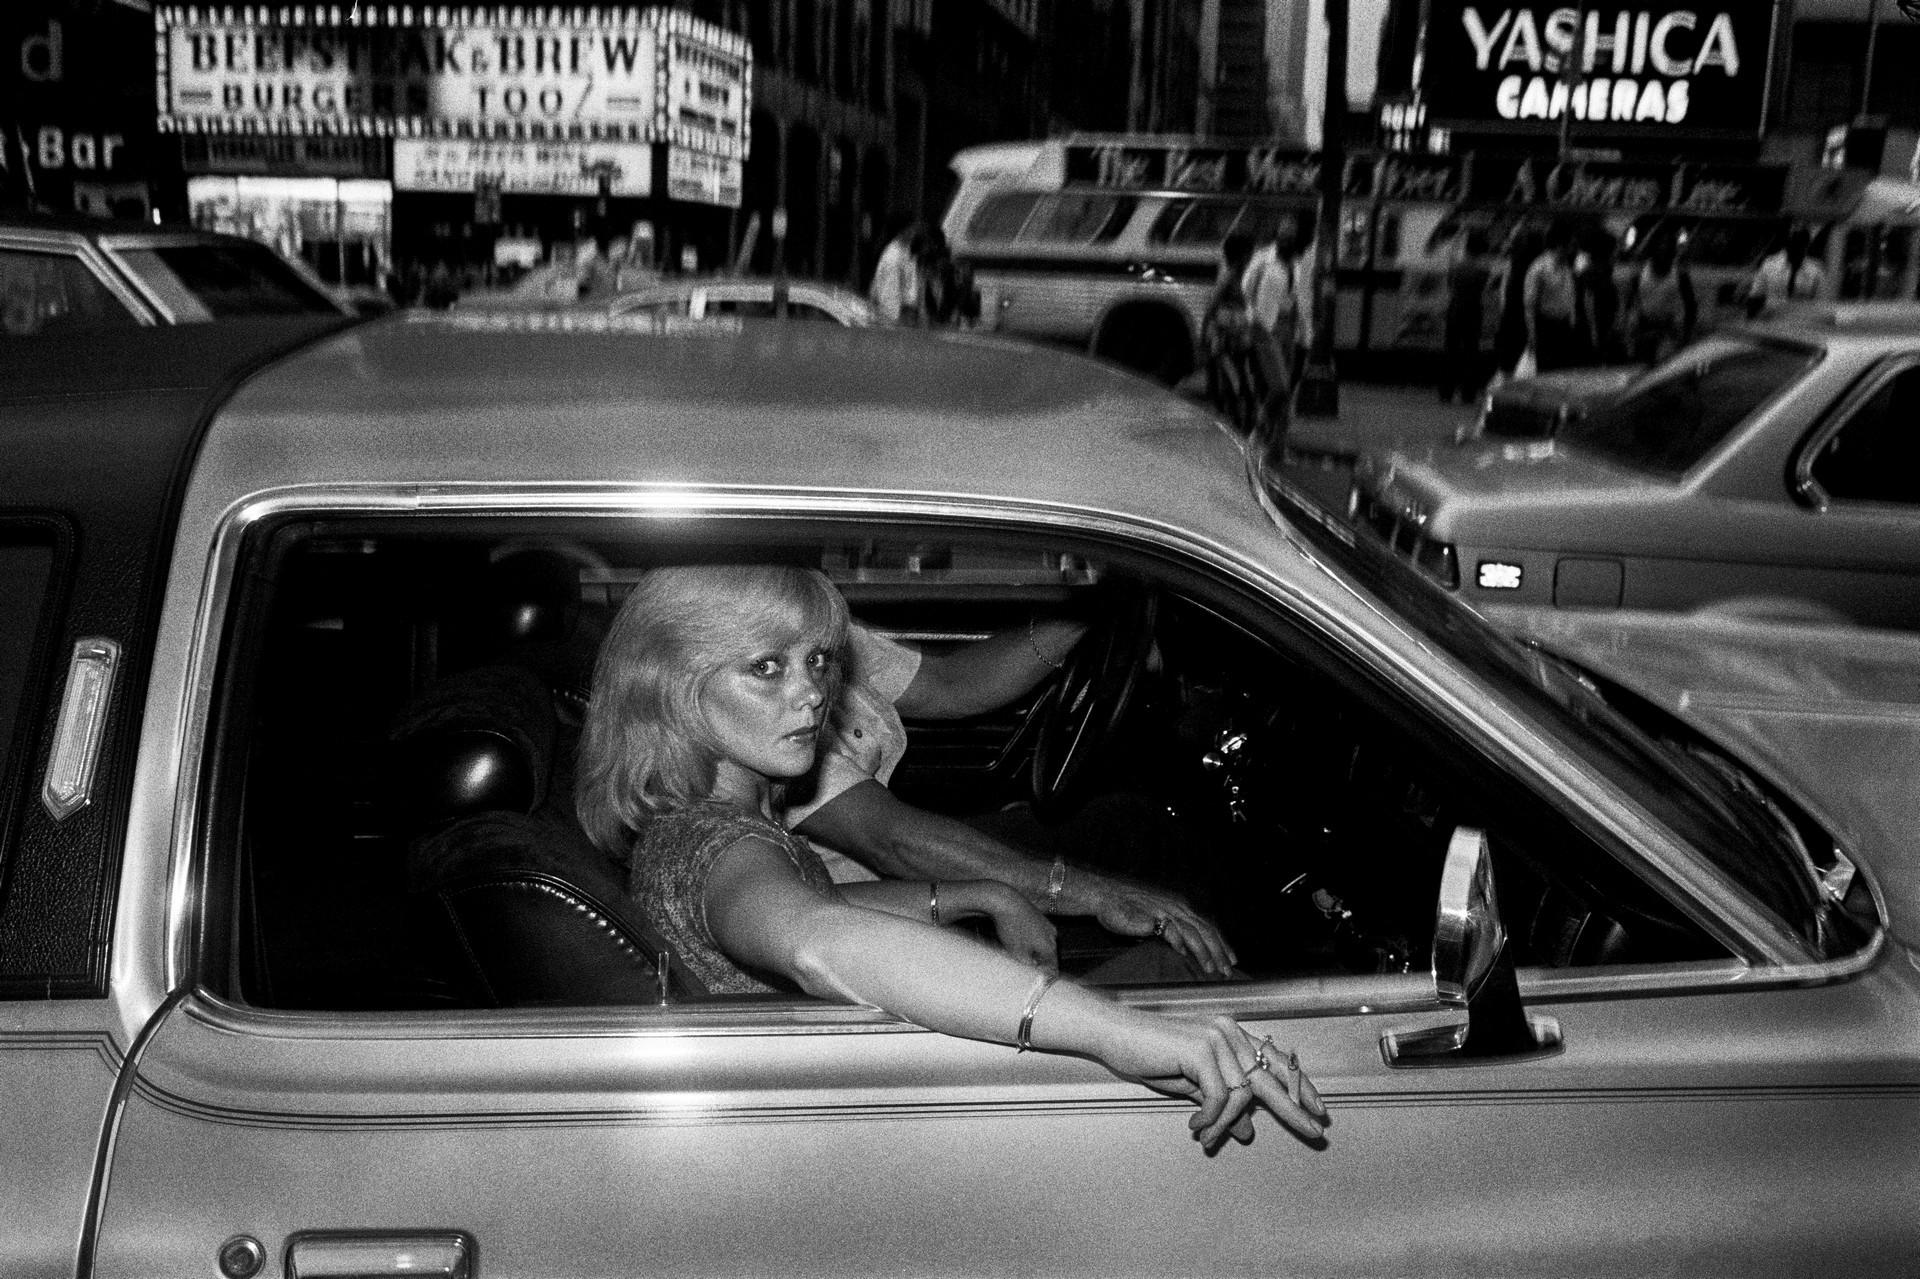 Ночной Нью-Йорк, 1978. Фотограф Ричард Сэндлер